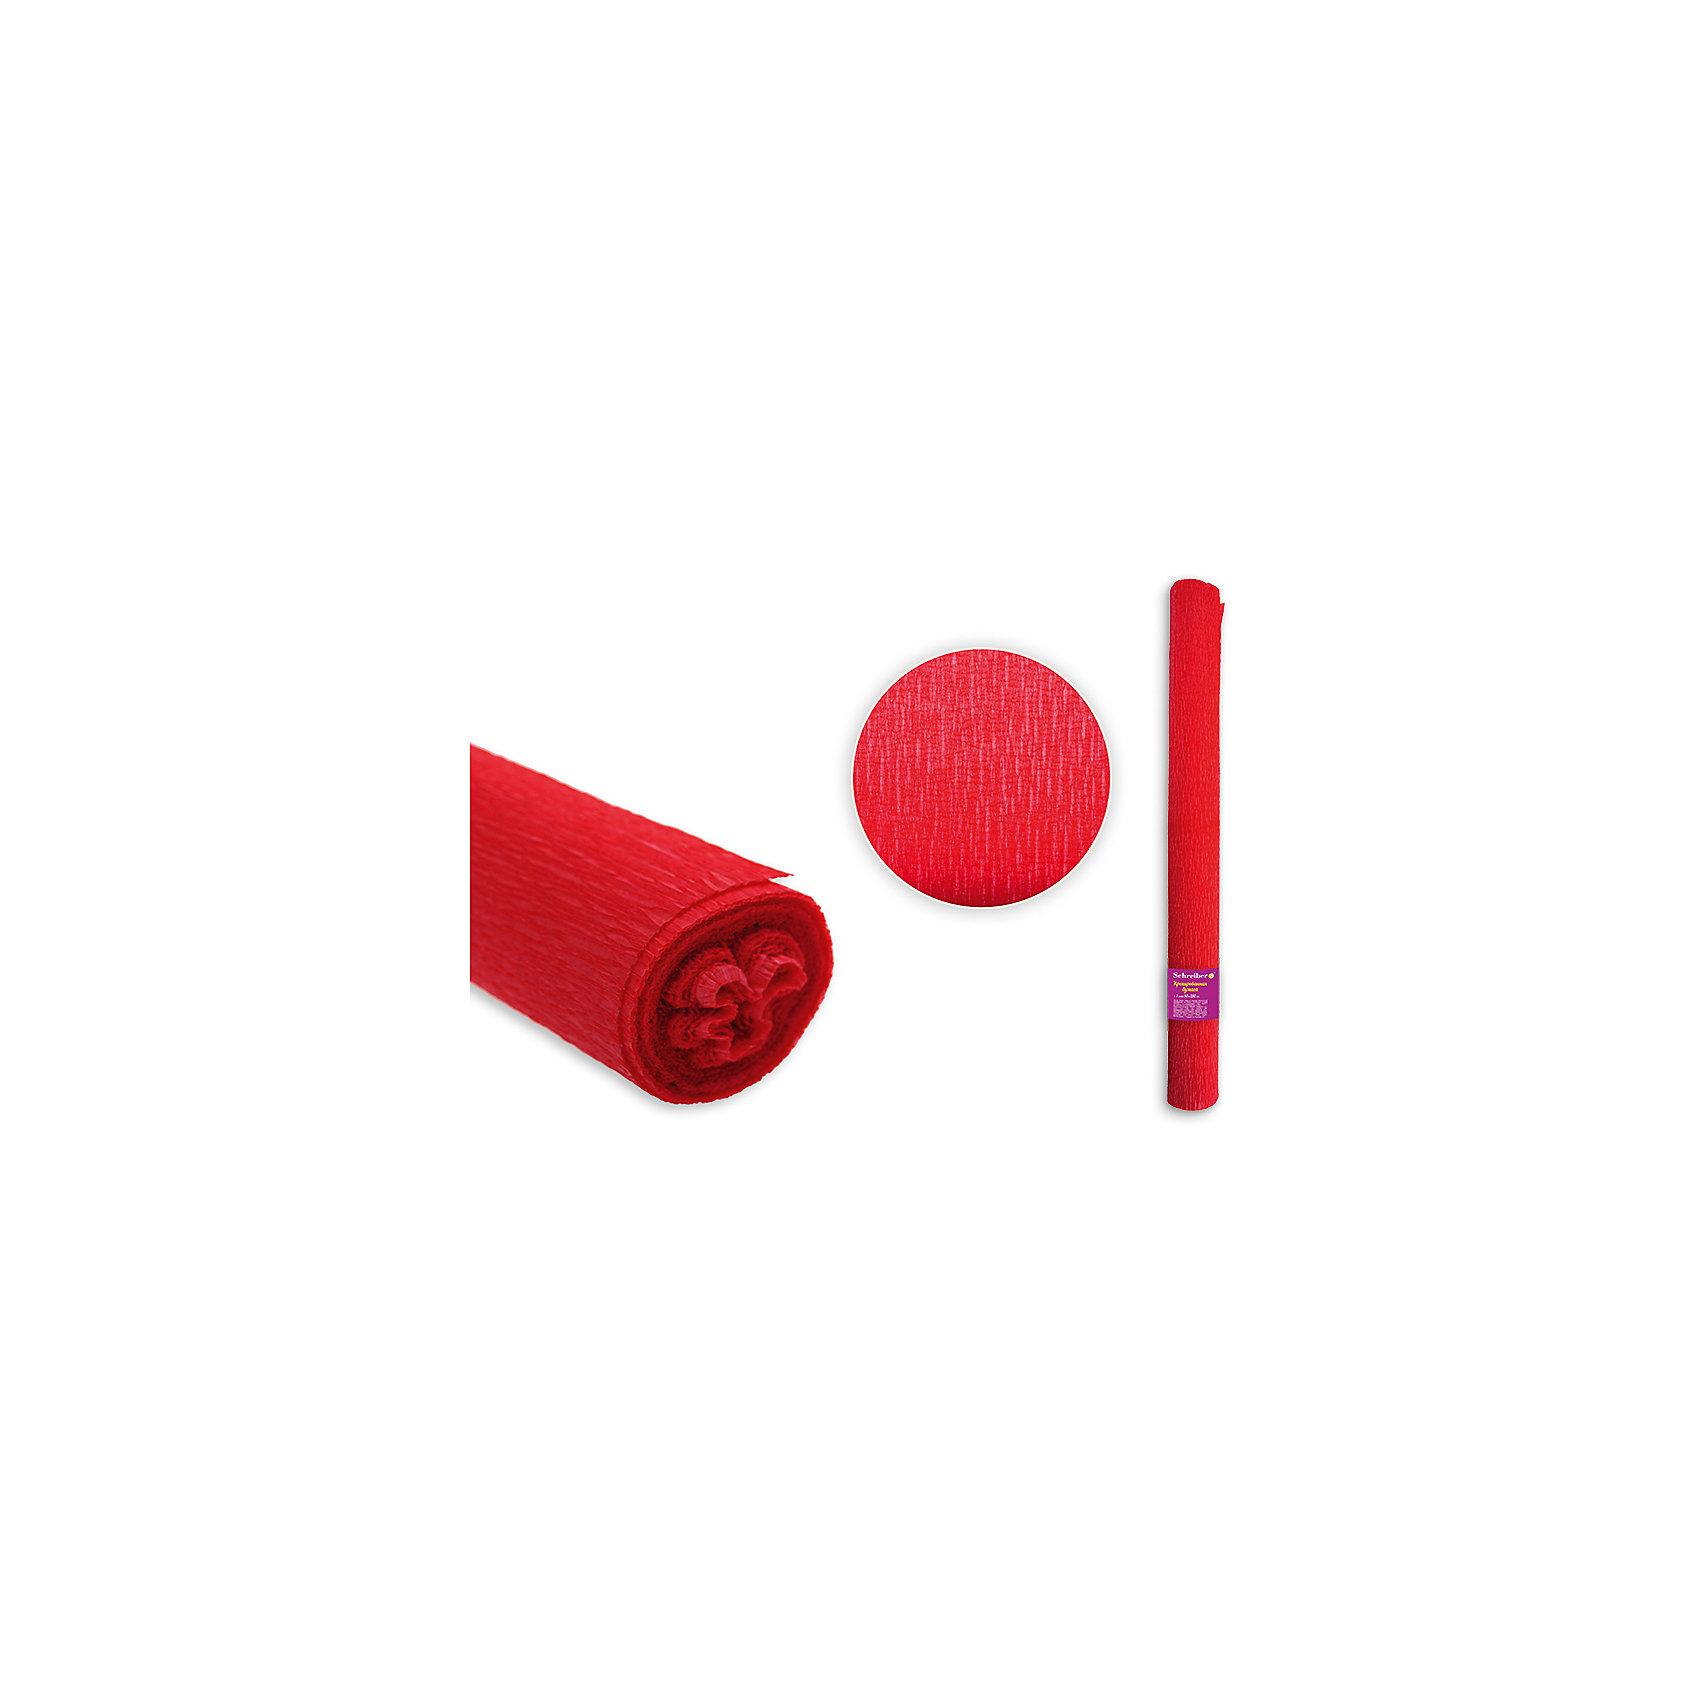 Цветная крепированная бумага 50х250 см, оттенок красныйРукоделие<br>Цветная крепированная бумага 50х250 см, оттенок красный.<br><br>Характеристики:<br><br>• Возраст: от 6 лет<br>• Размер: 50х250 см.<br>• Оттенок: красный<br><br>Двухсторонняя крепированная бумага - идеальный вариант для воплощения любых творческих идей: начиная от создания поделок и заканчивая упаковкой подарков. Является великолепным инструментом для развития творческих навыков у детей.<br><br>Цветную крепированную бумагу 50х250 см, оттенок красный можно купить в нашем интернет-магазине.<br><br>Ширина мм: 500<br>Глубина мм: 40<br>Высота мм: 75<br>Вес г: 100<br>Возраст от месяцев: 72<br>Возраст до месяцев: 2147483647<br>Пол: Унисекс<br>Возраст: Детский<br>SKU: 5504481